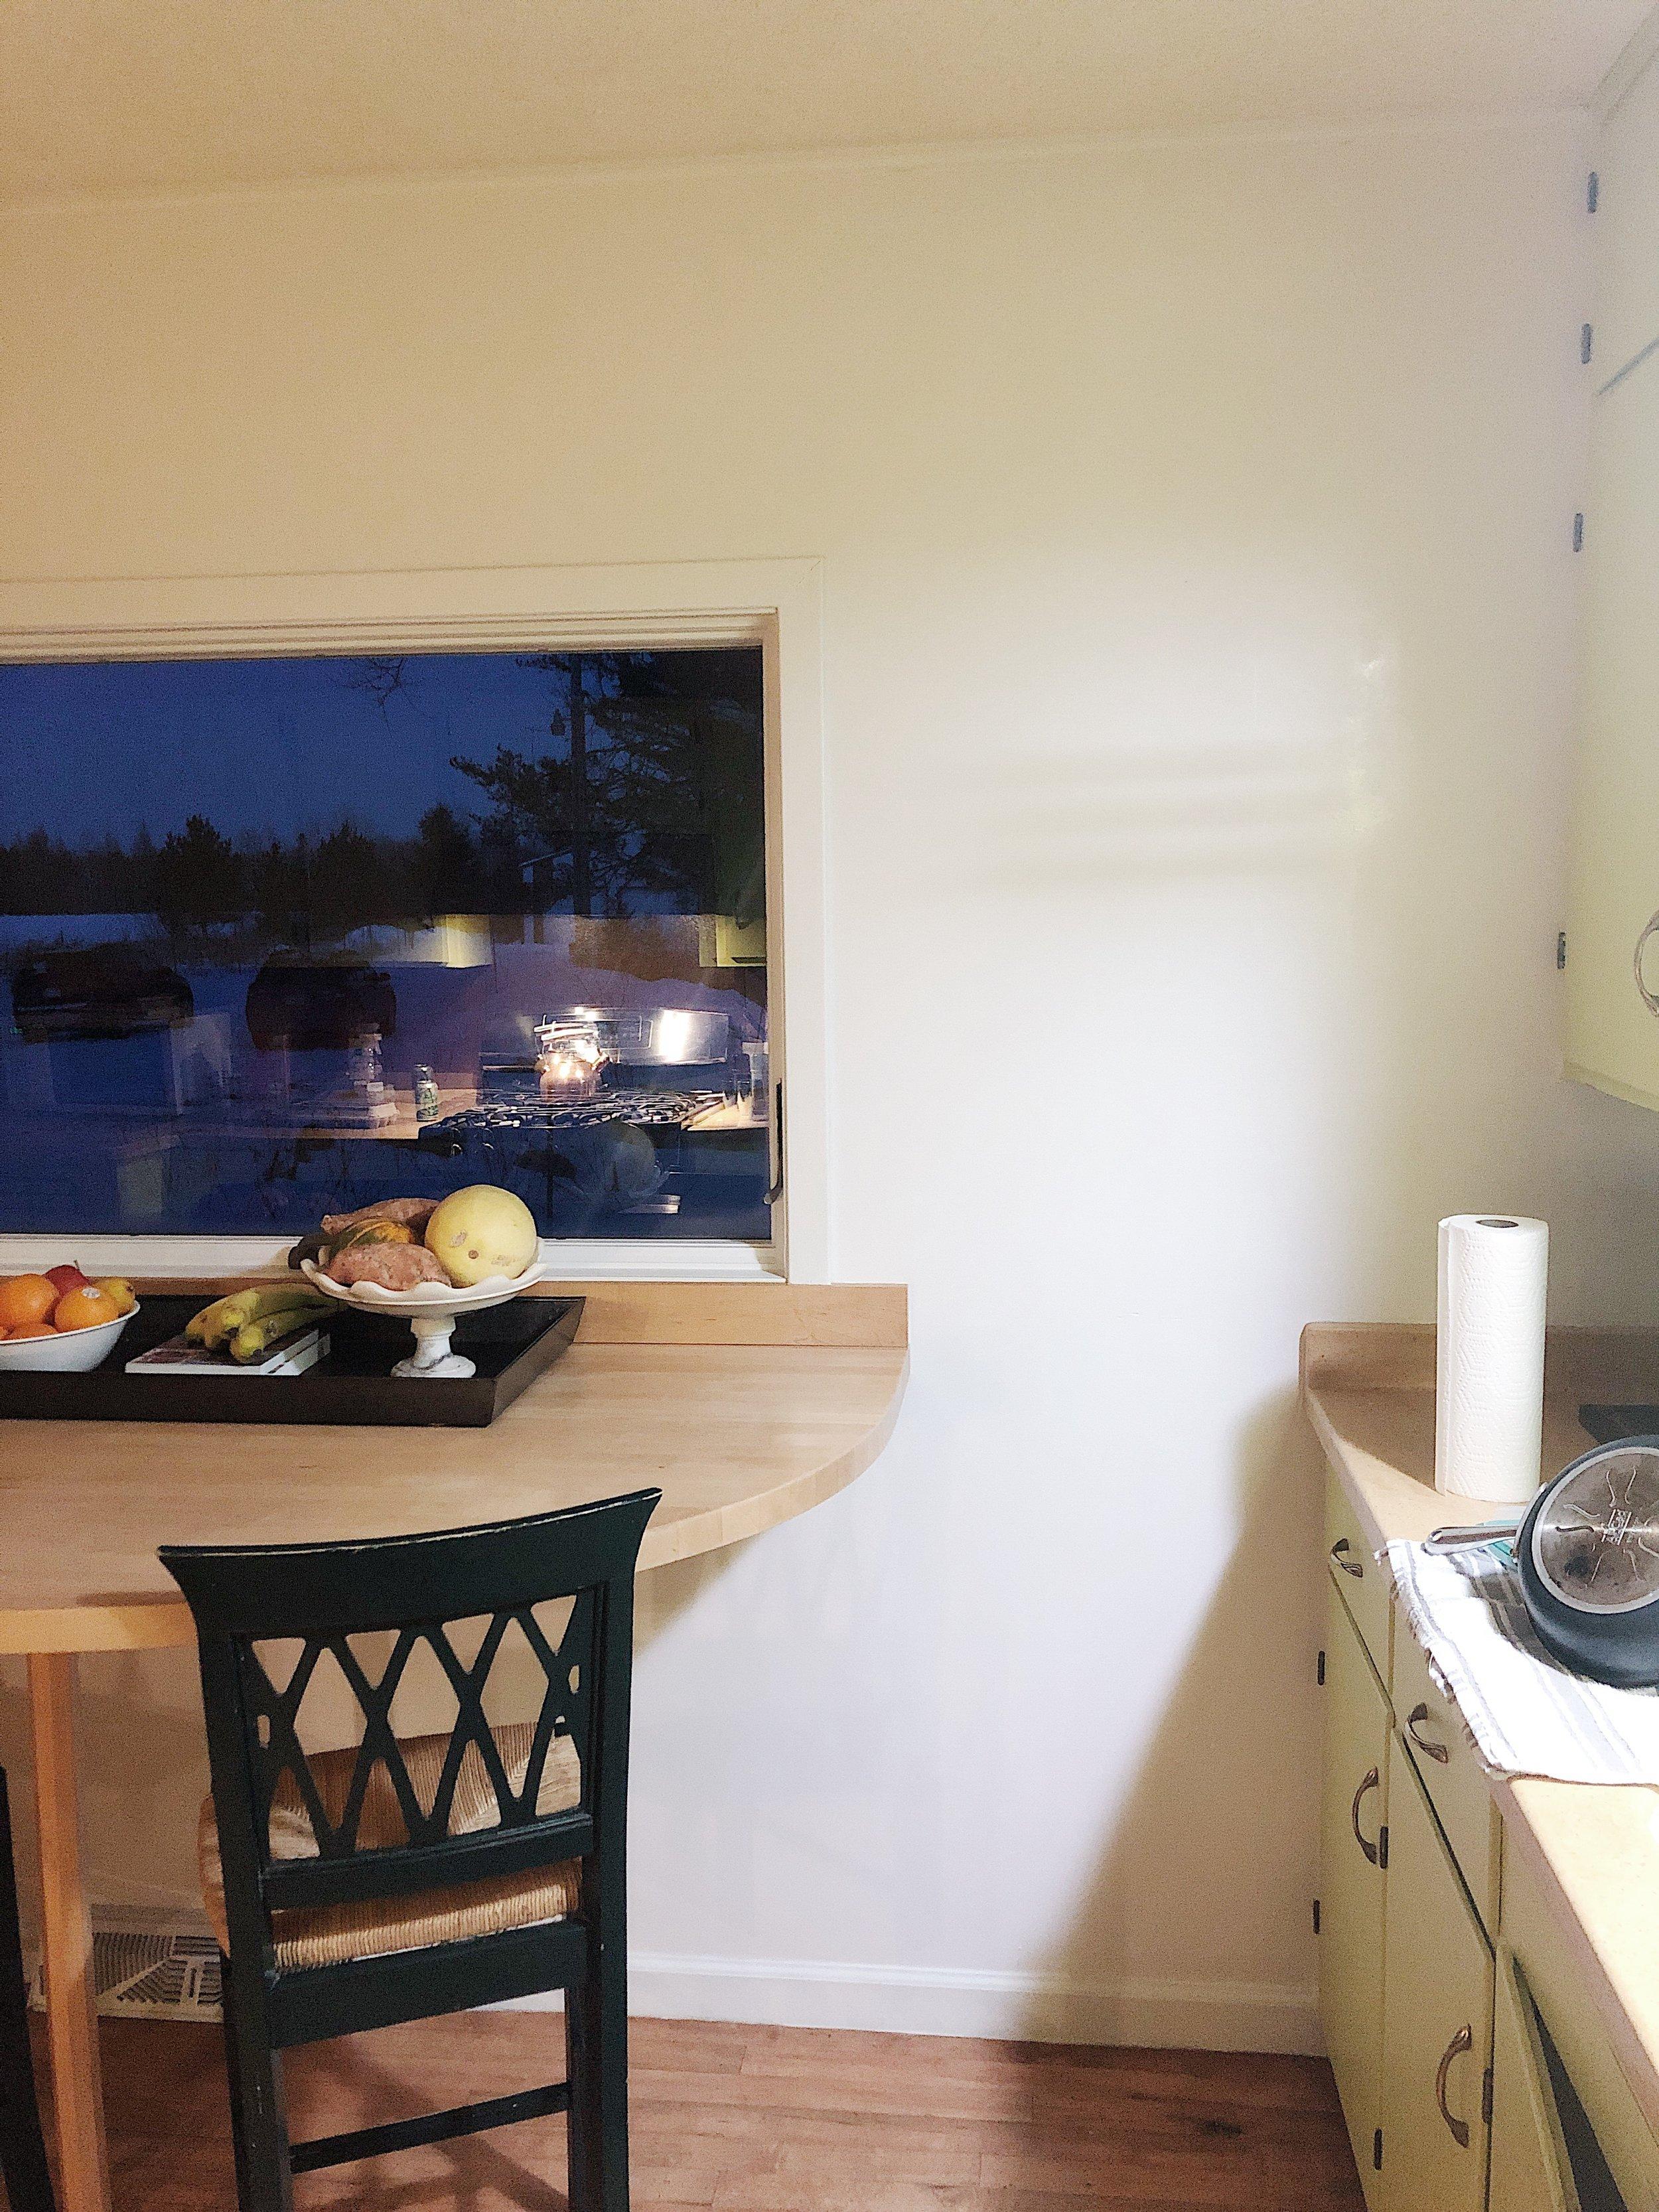 kitchenwall1.jpg